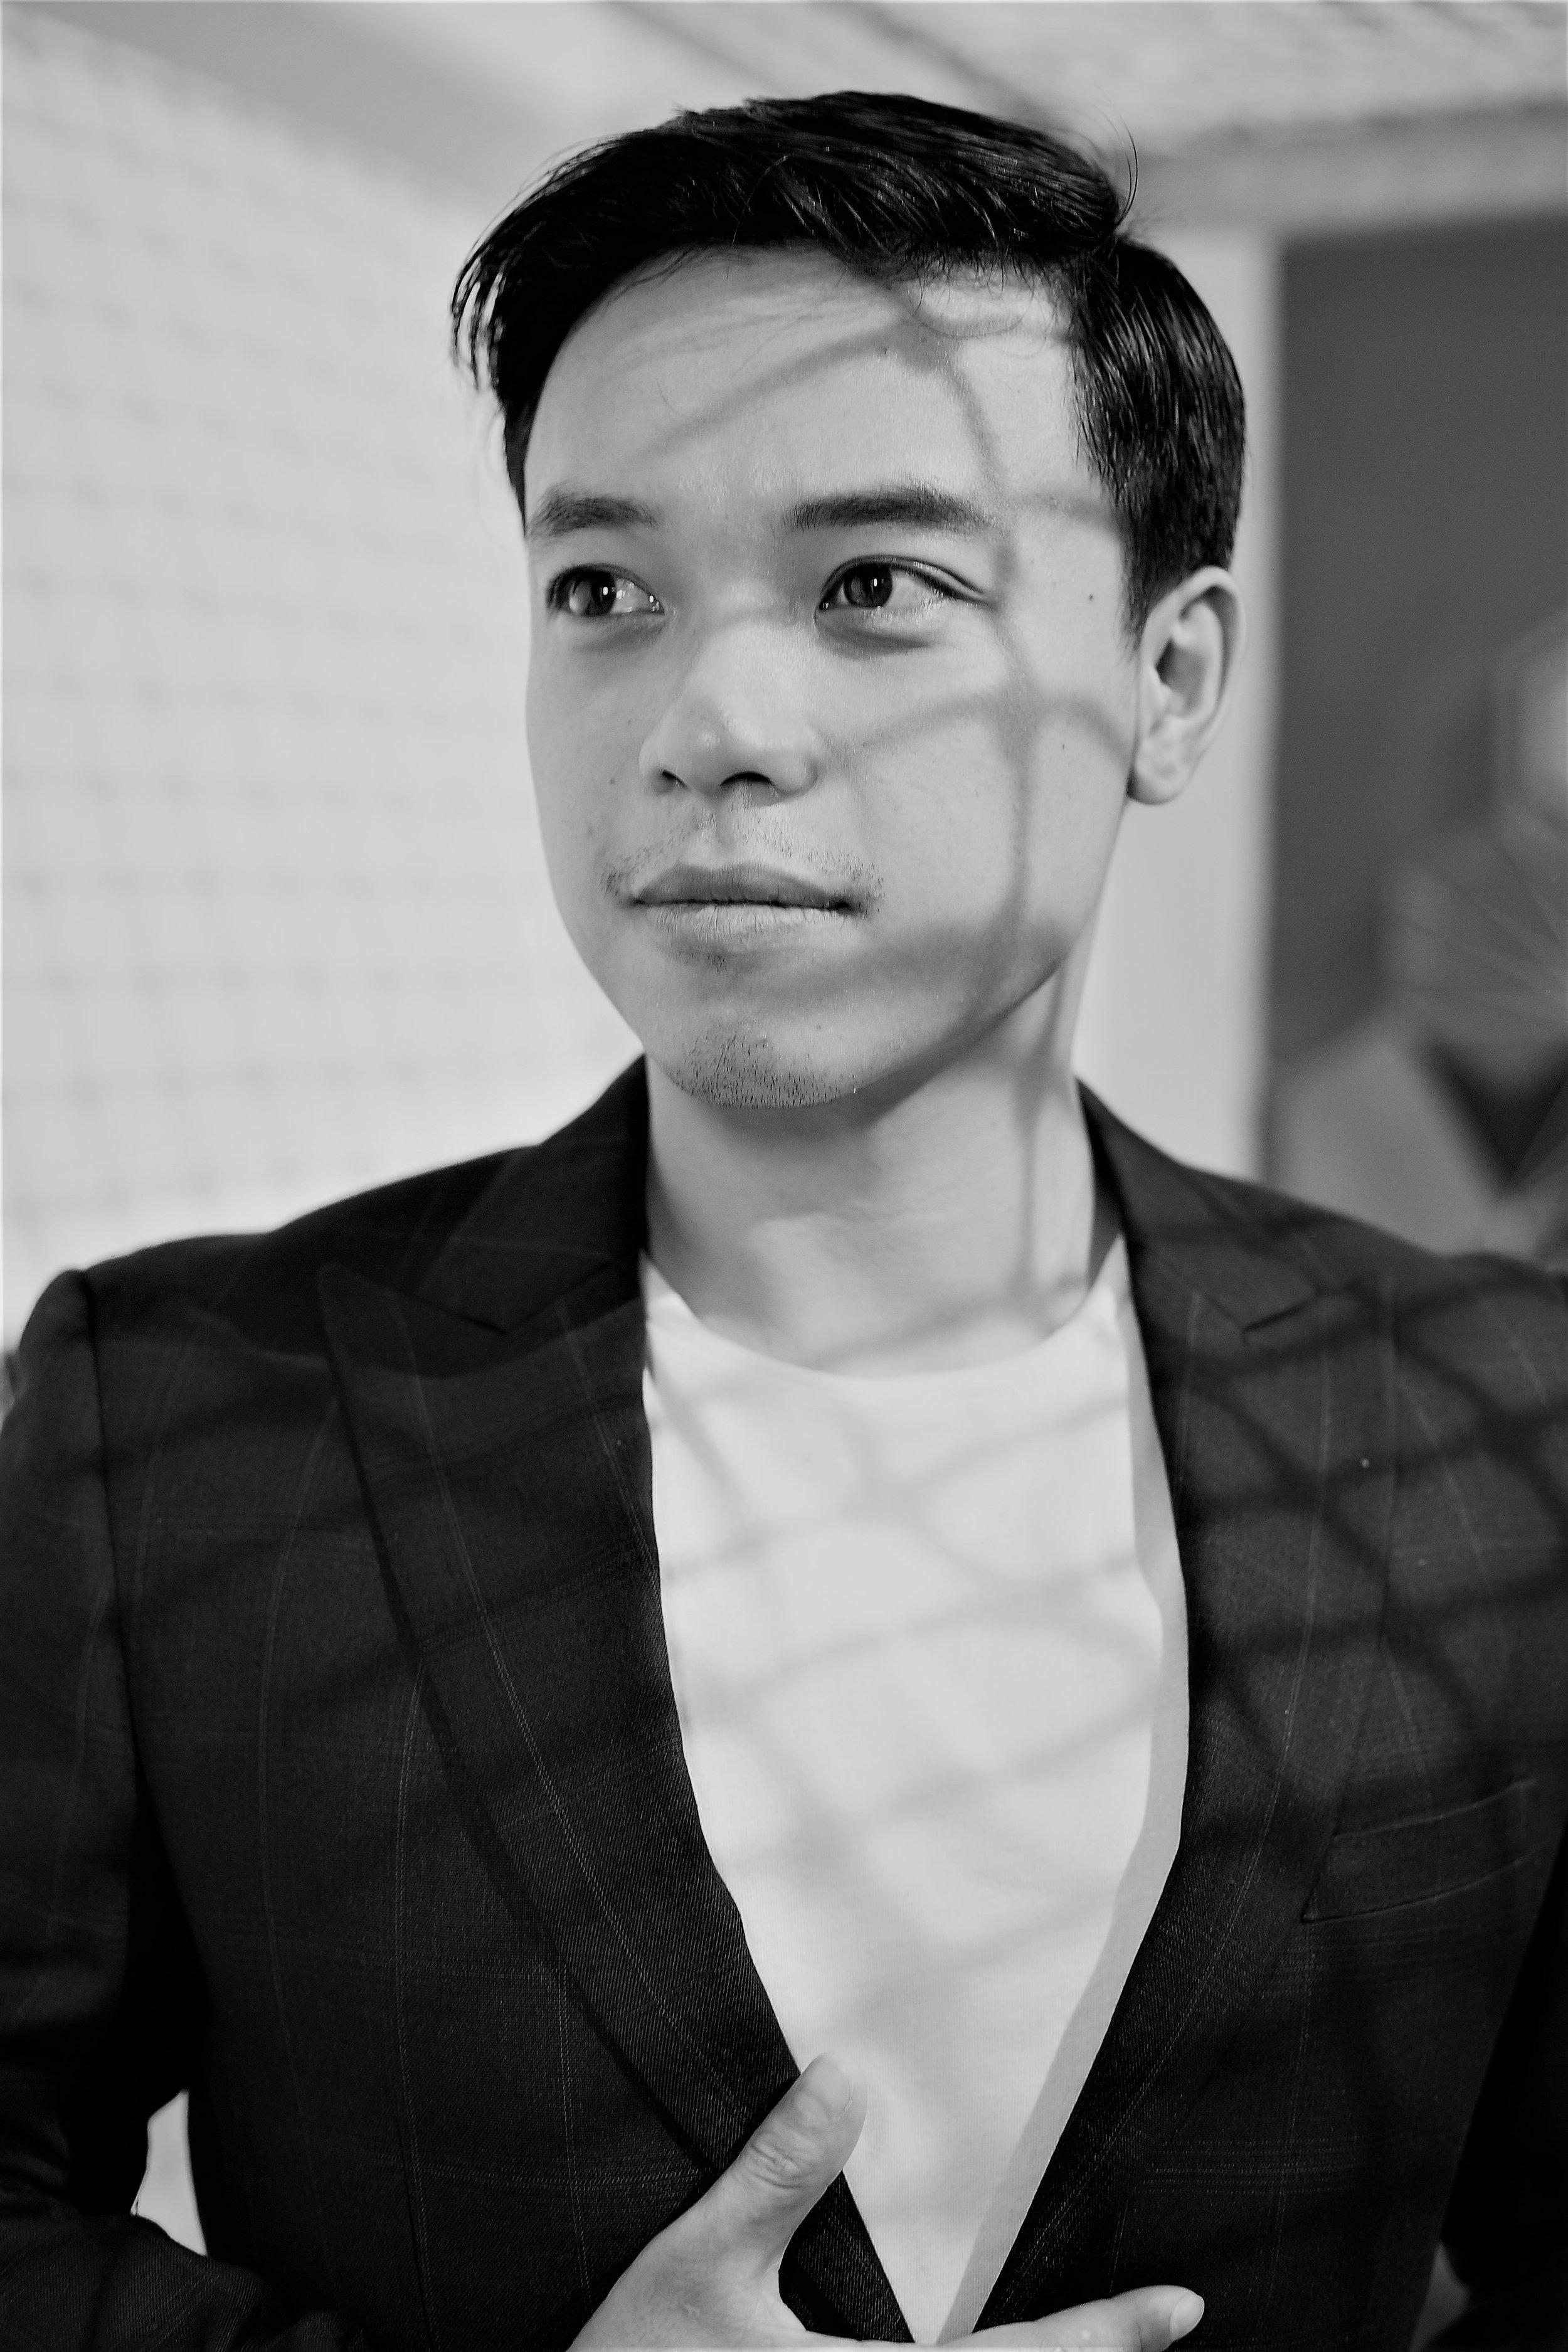 Kimble Ngô là chuyên gia trong lĩnh vực khai vấn cá nhân, giúp bạn phát triển bản thân và sựnghiệp. kimblengo.com